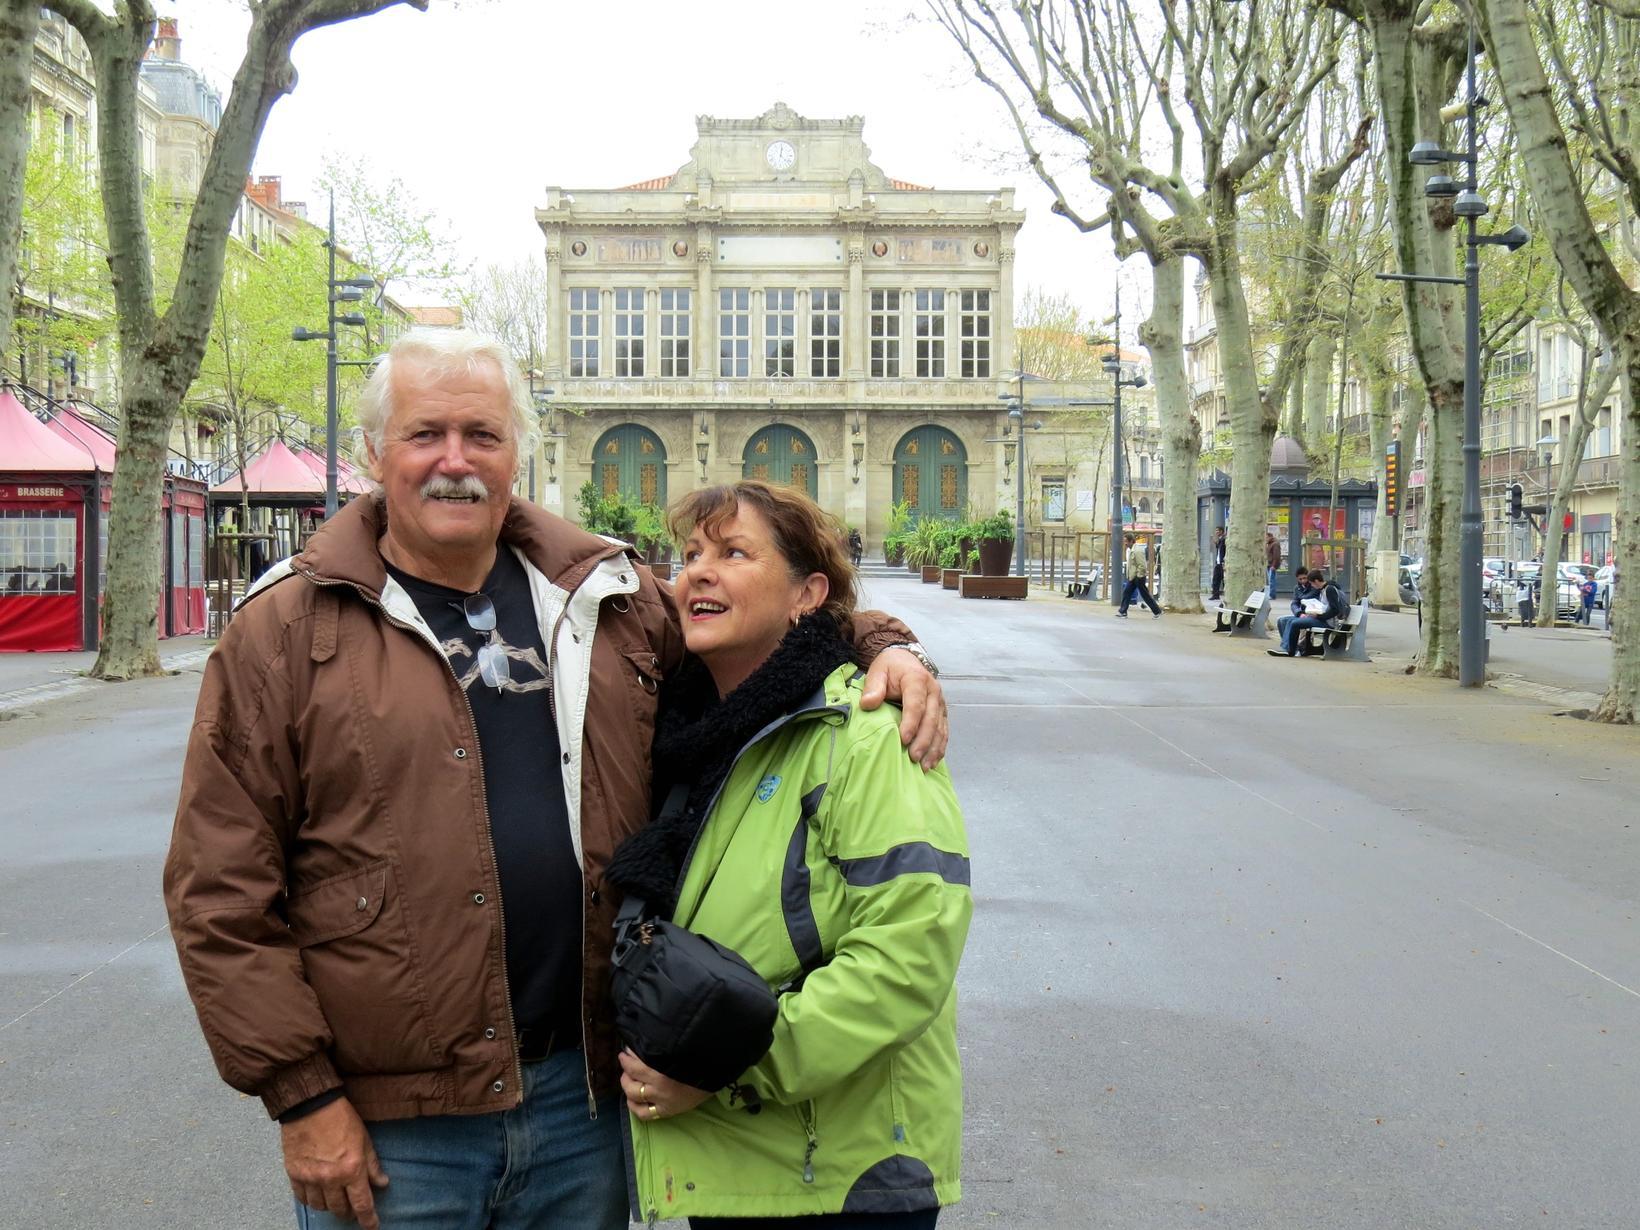 Judi & Frank from Cairns, Queensland, Australia